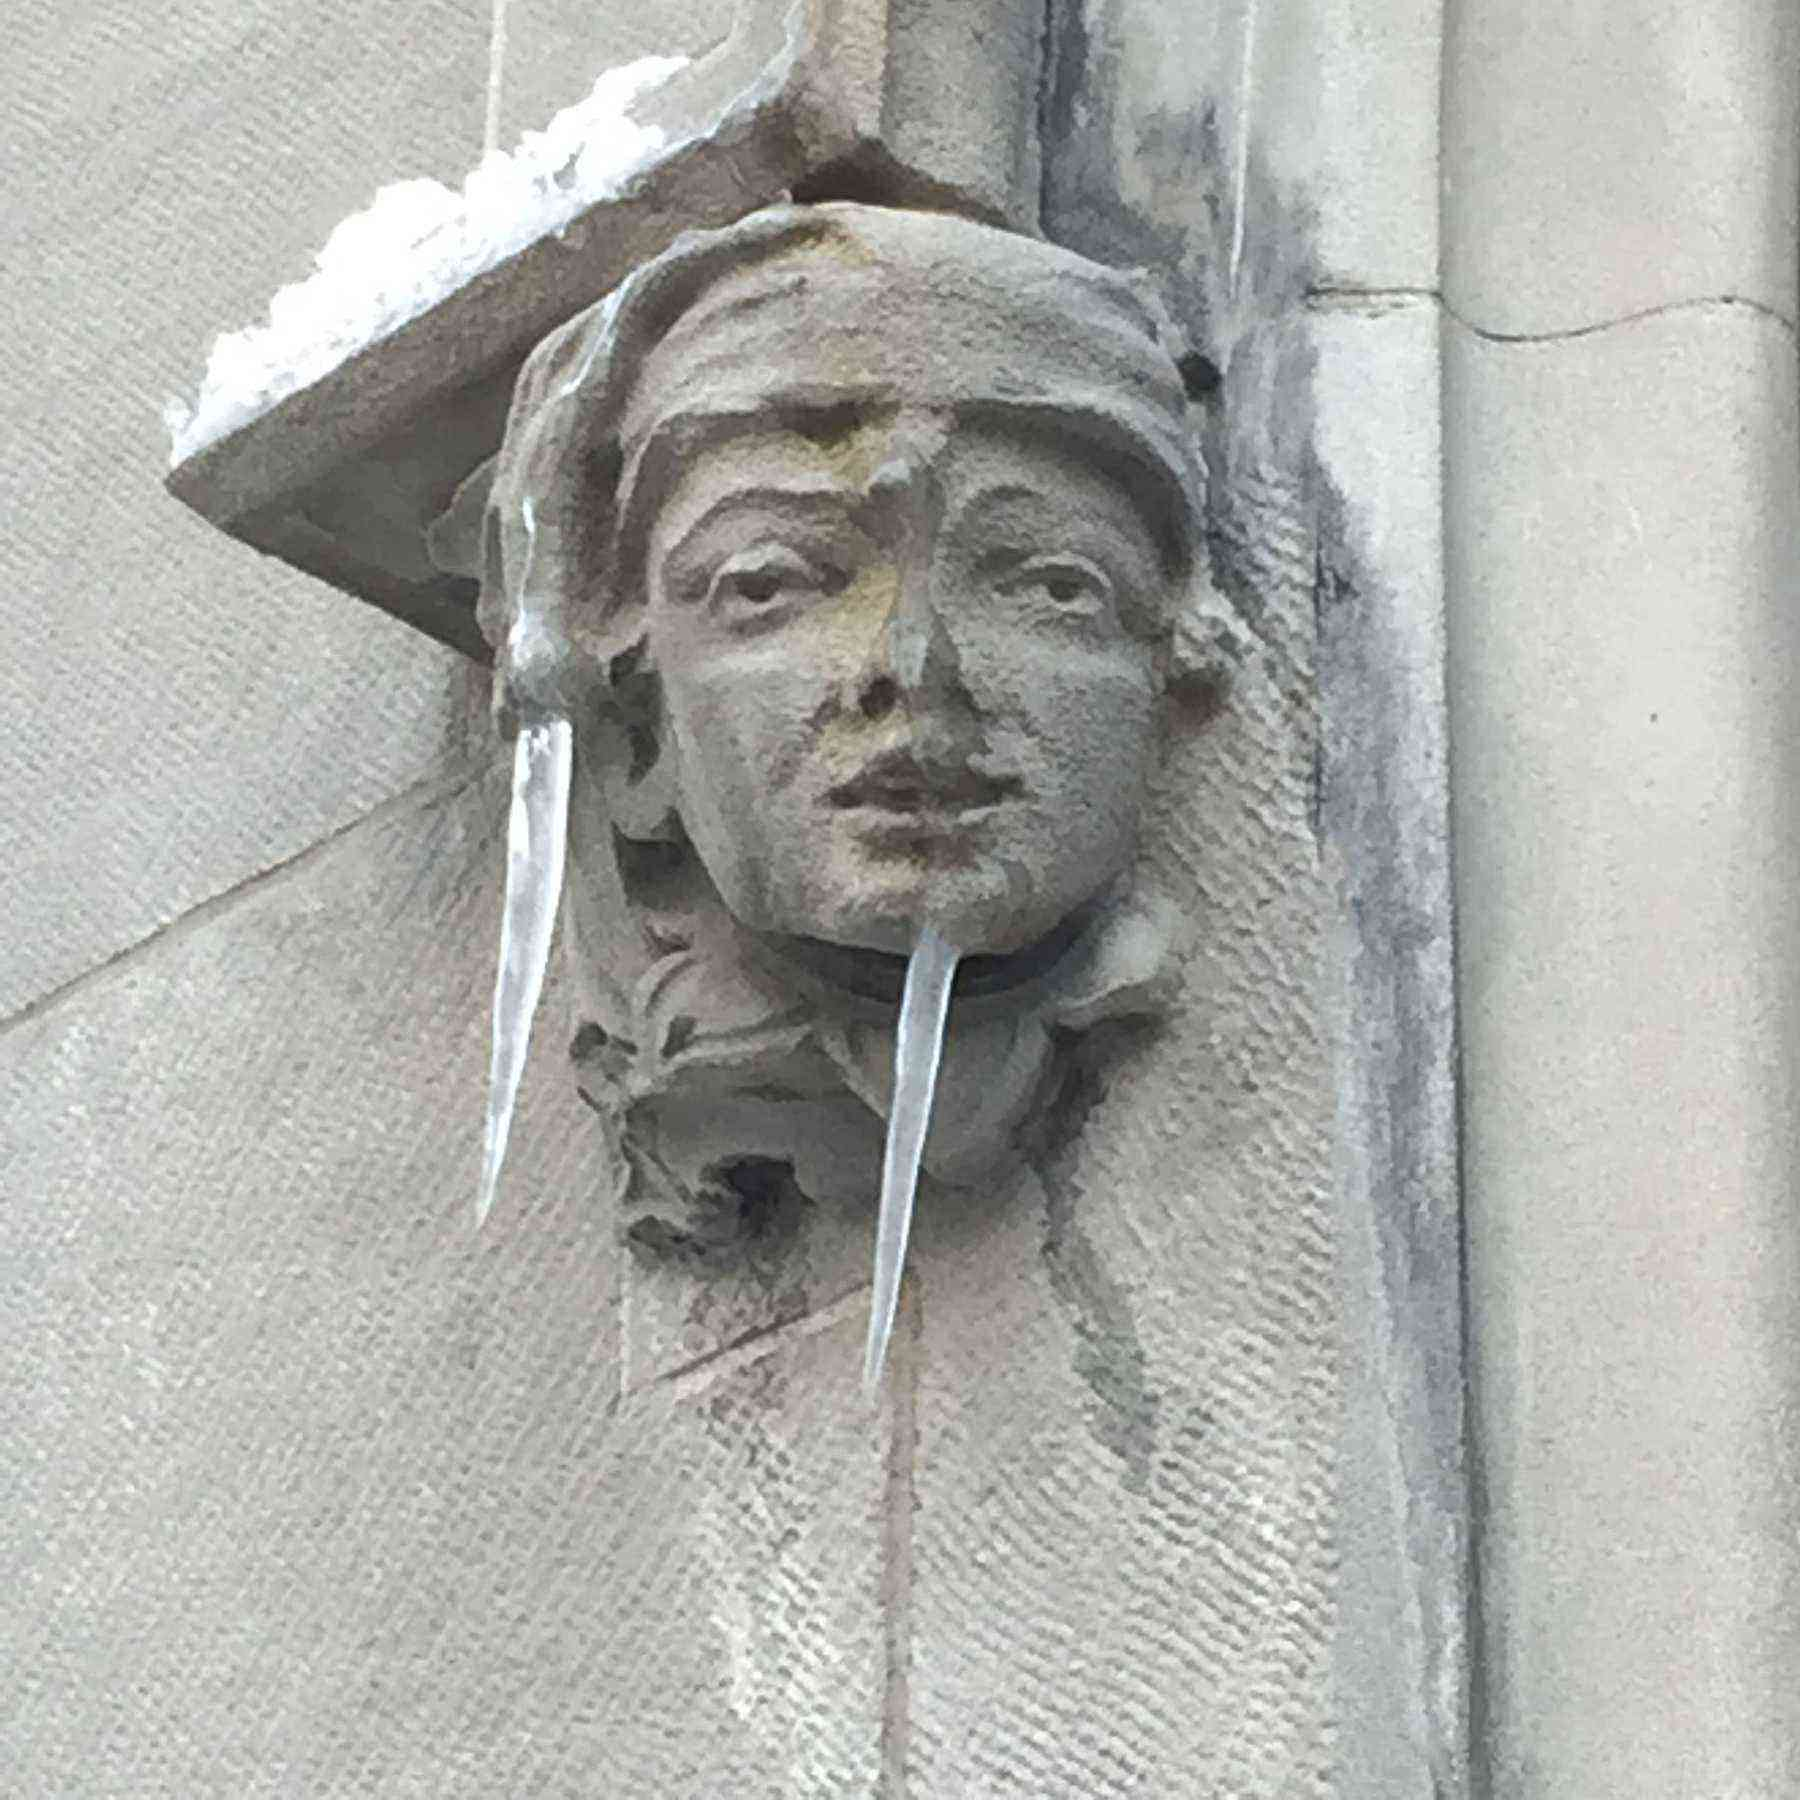 7) Jewish National Fund icicle gargoyle, 42 E 69th St